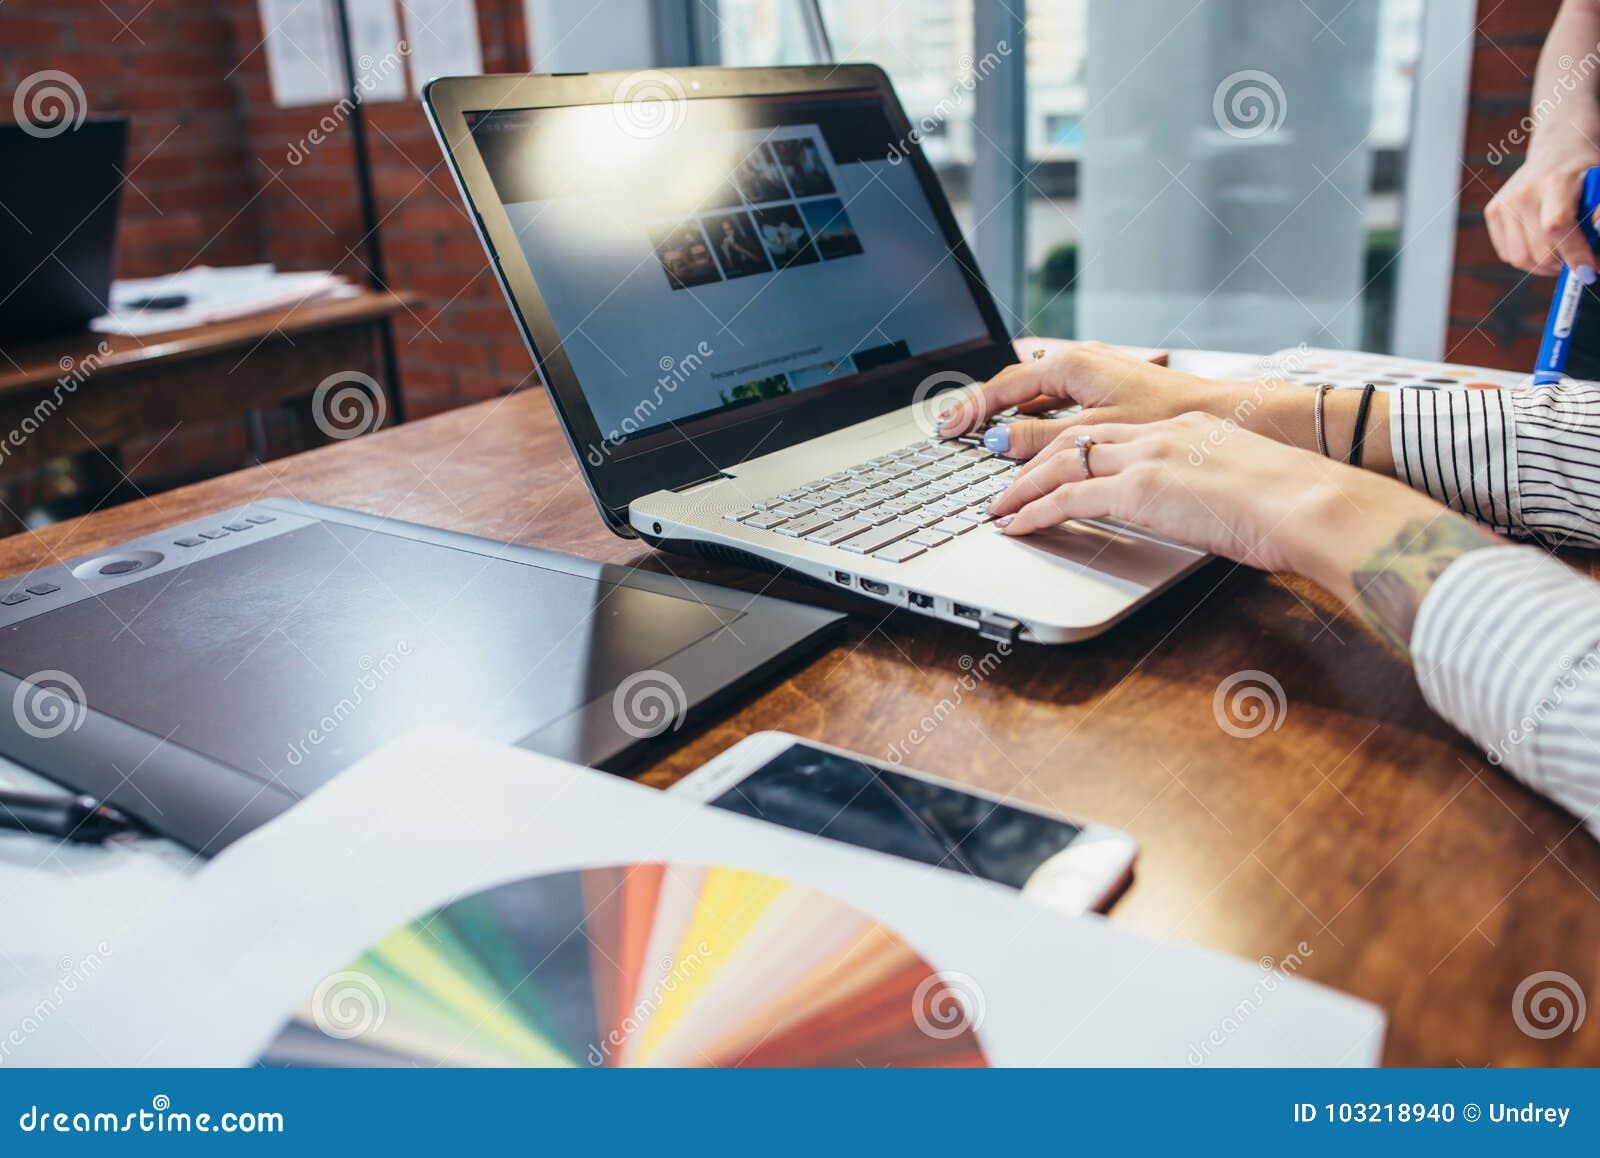 Vue en gros plan d espace de travail de dessinateur d intérieurs avec l ordinateur portable, le comprimé graphique, le téléphone